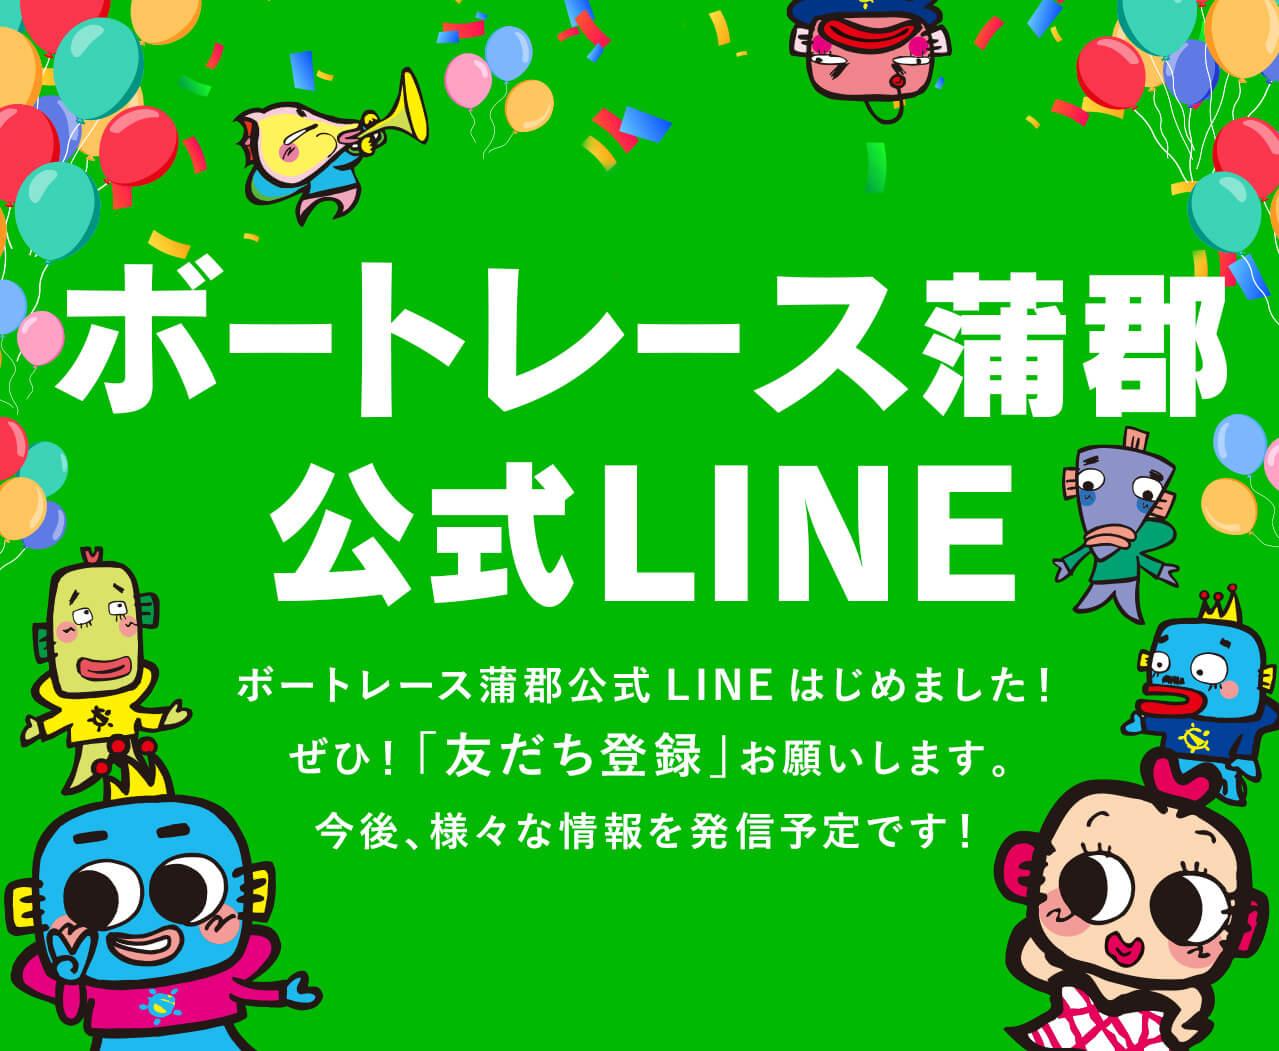 ボートレース蒲郡公式LINE